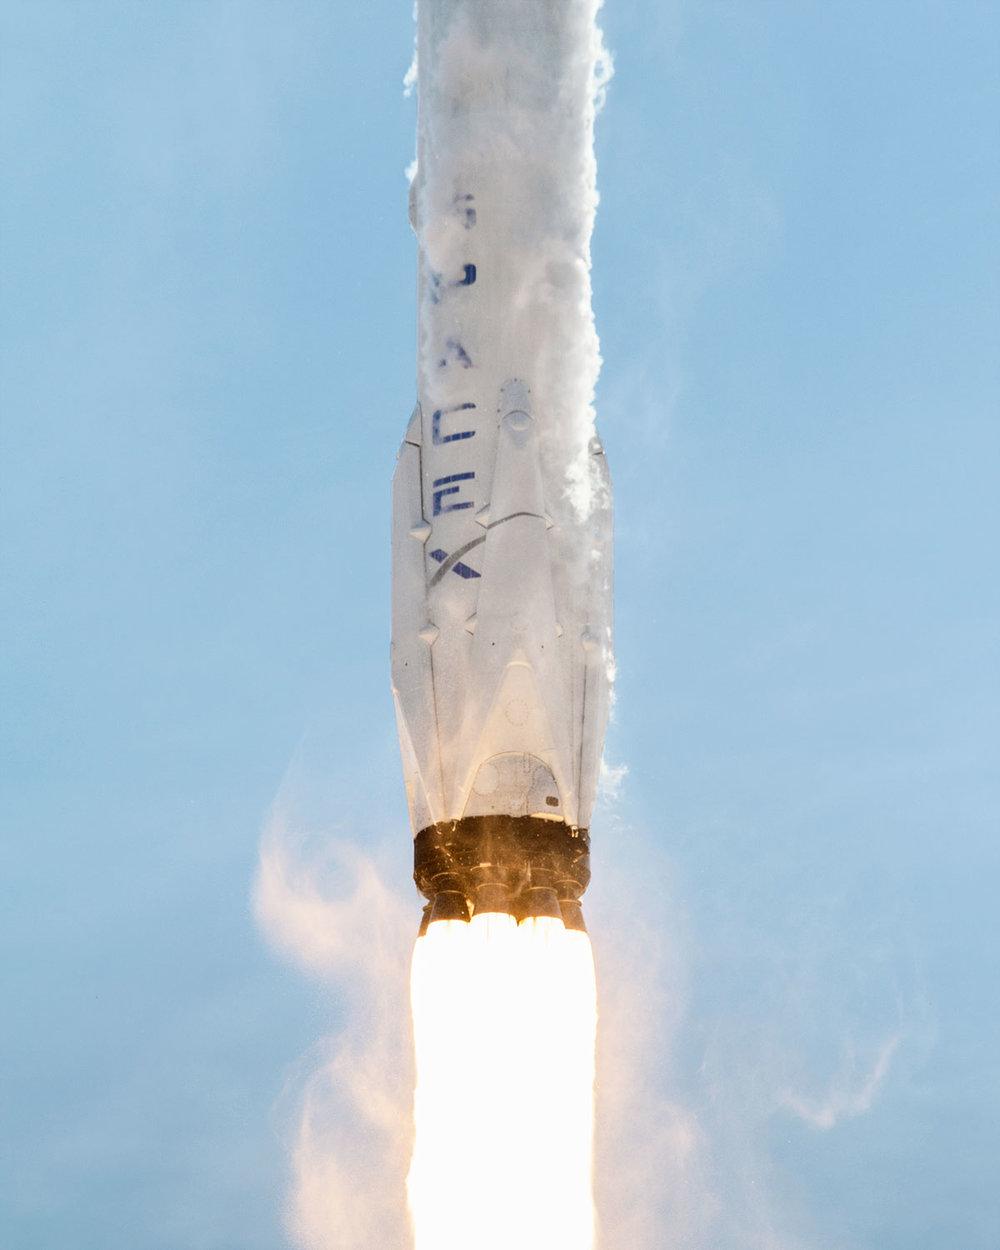 160408_SpaceX-CRS8_1846.jpg